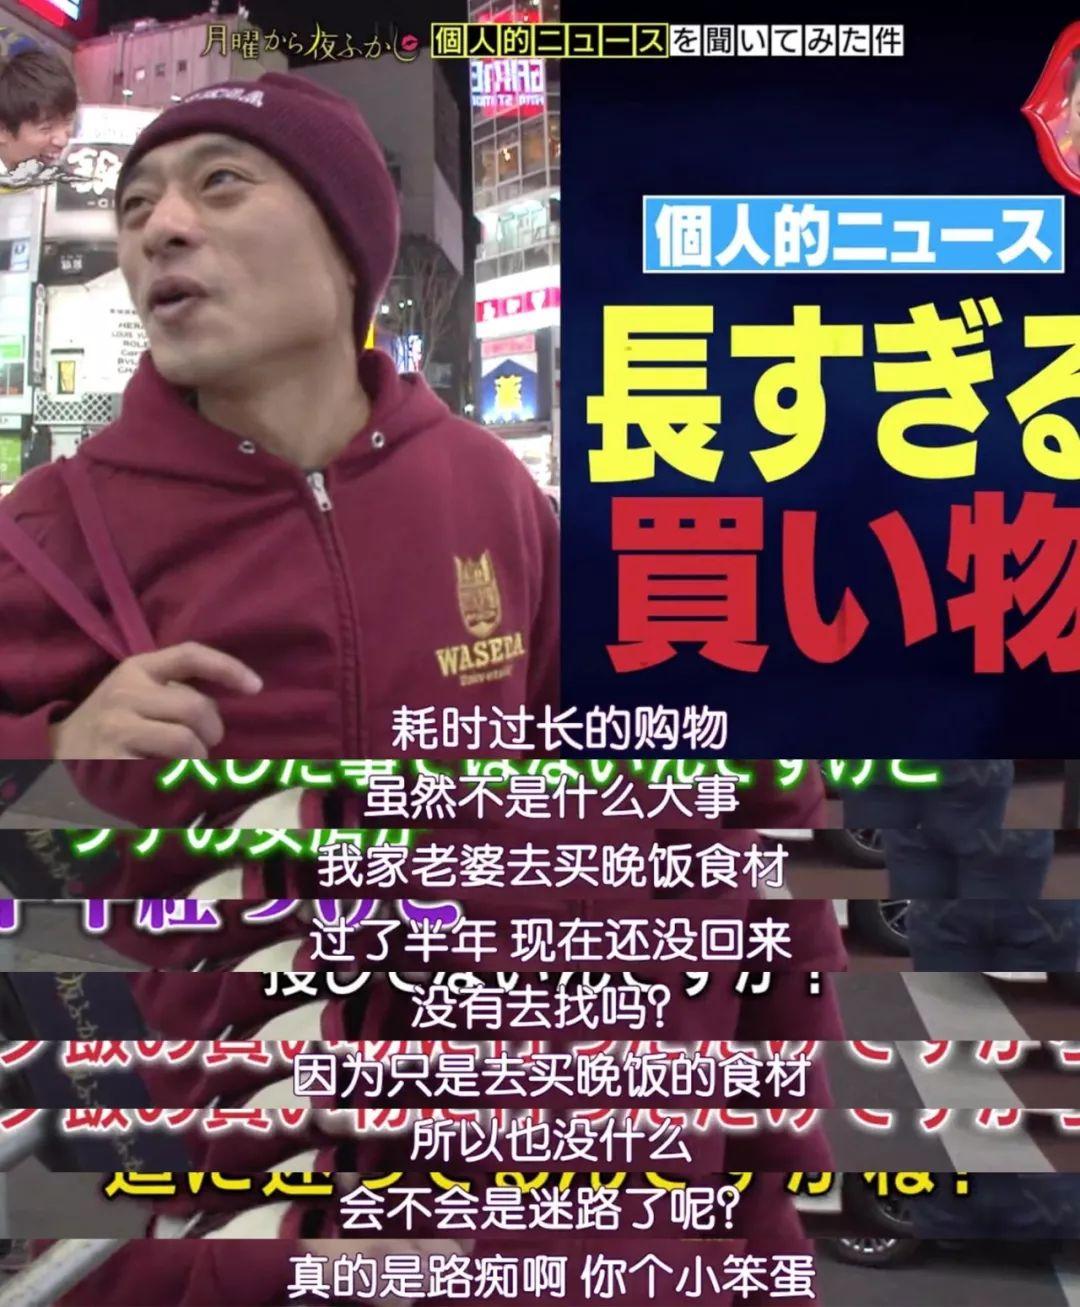 月曜夜未央 | 最精彩下饭综艺,就是这档日本版《康熙来了》!(图20)